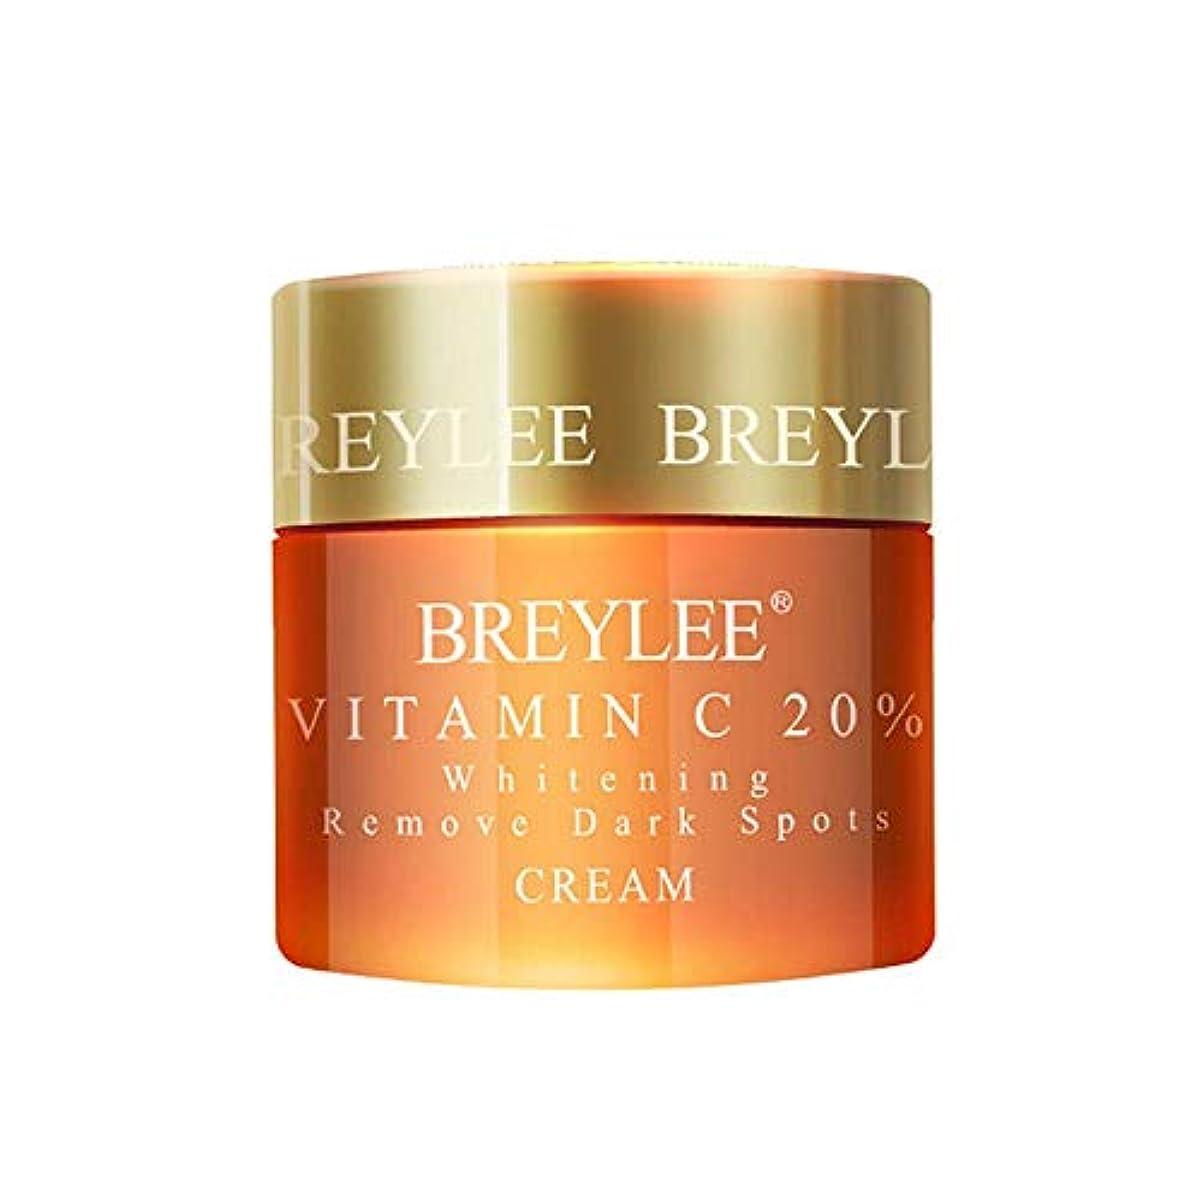 ゆでる夕方無秩序BREYLEE ヒアルロン酸 保湿クリーム 20%ビタミンC配合 美白 皮膚の引き締め (ビタミンC)